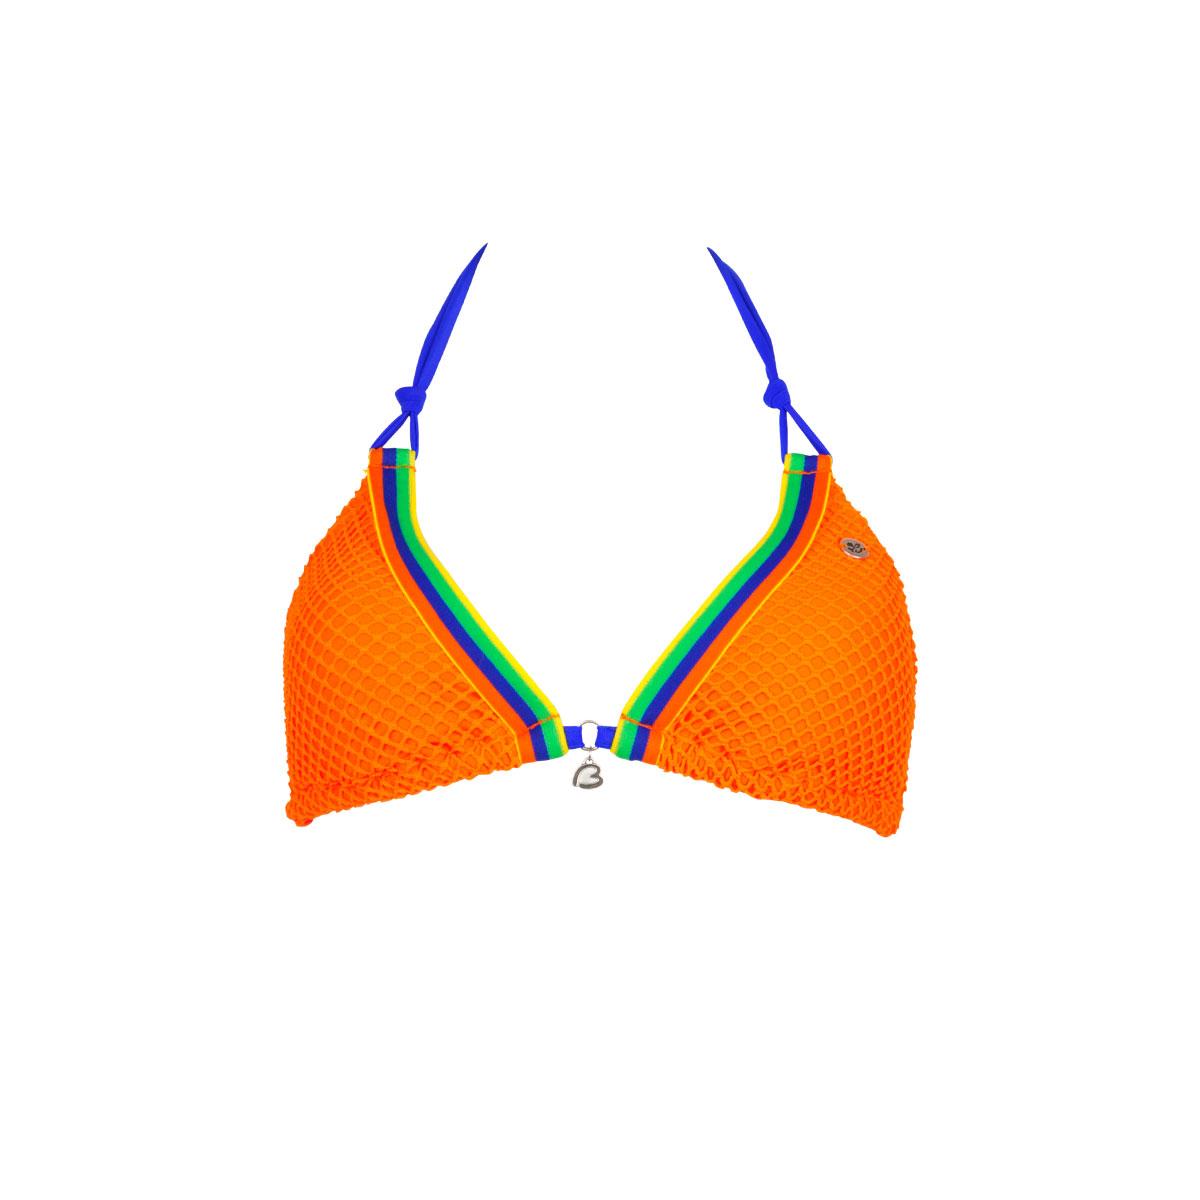 Triangel-Bikini Sunfit, in Orange (Oberteil)